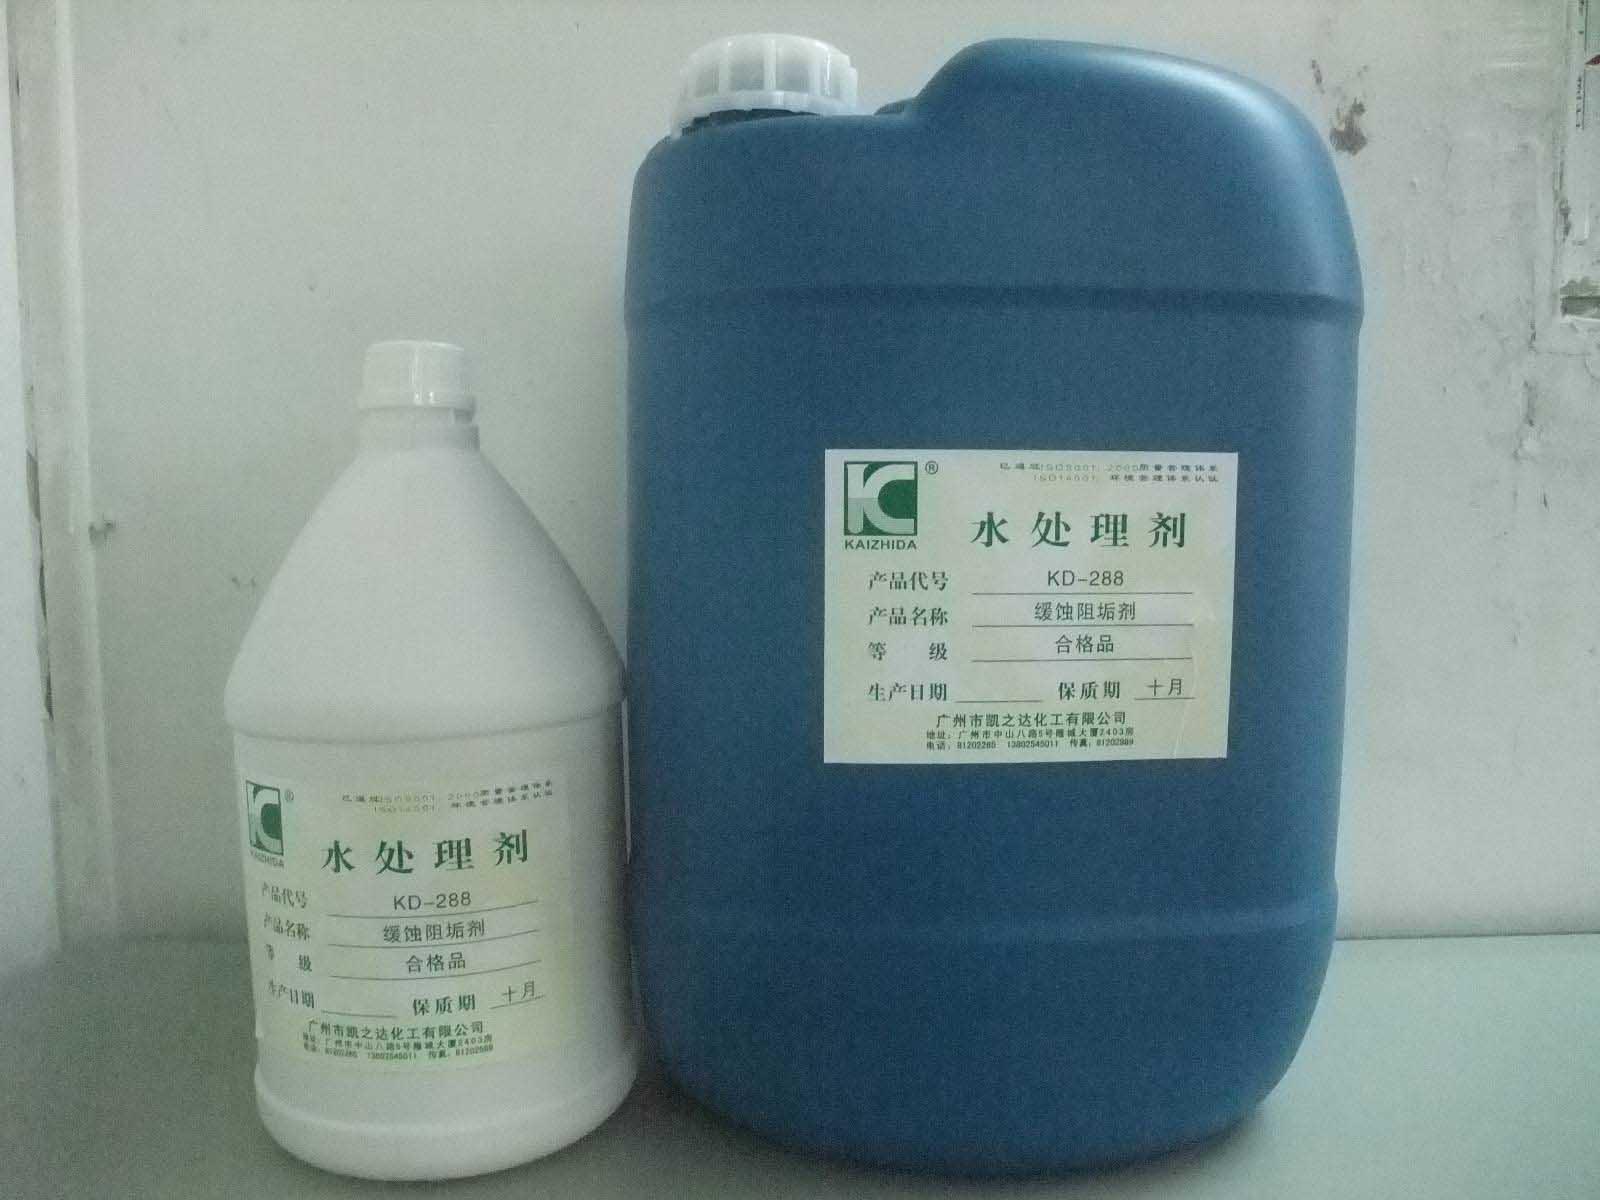 宏泰工程阻垢缓蚀一体剂 高效环保金属缓蚀剂